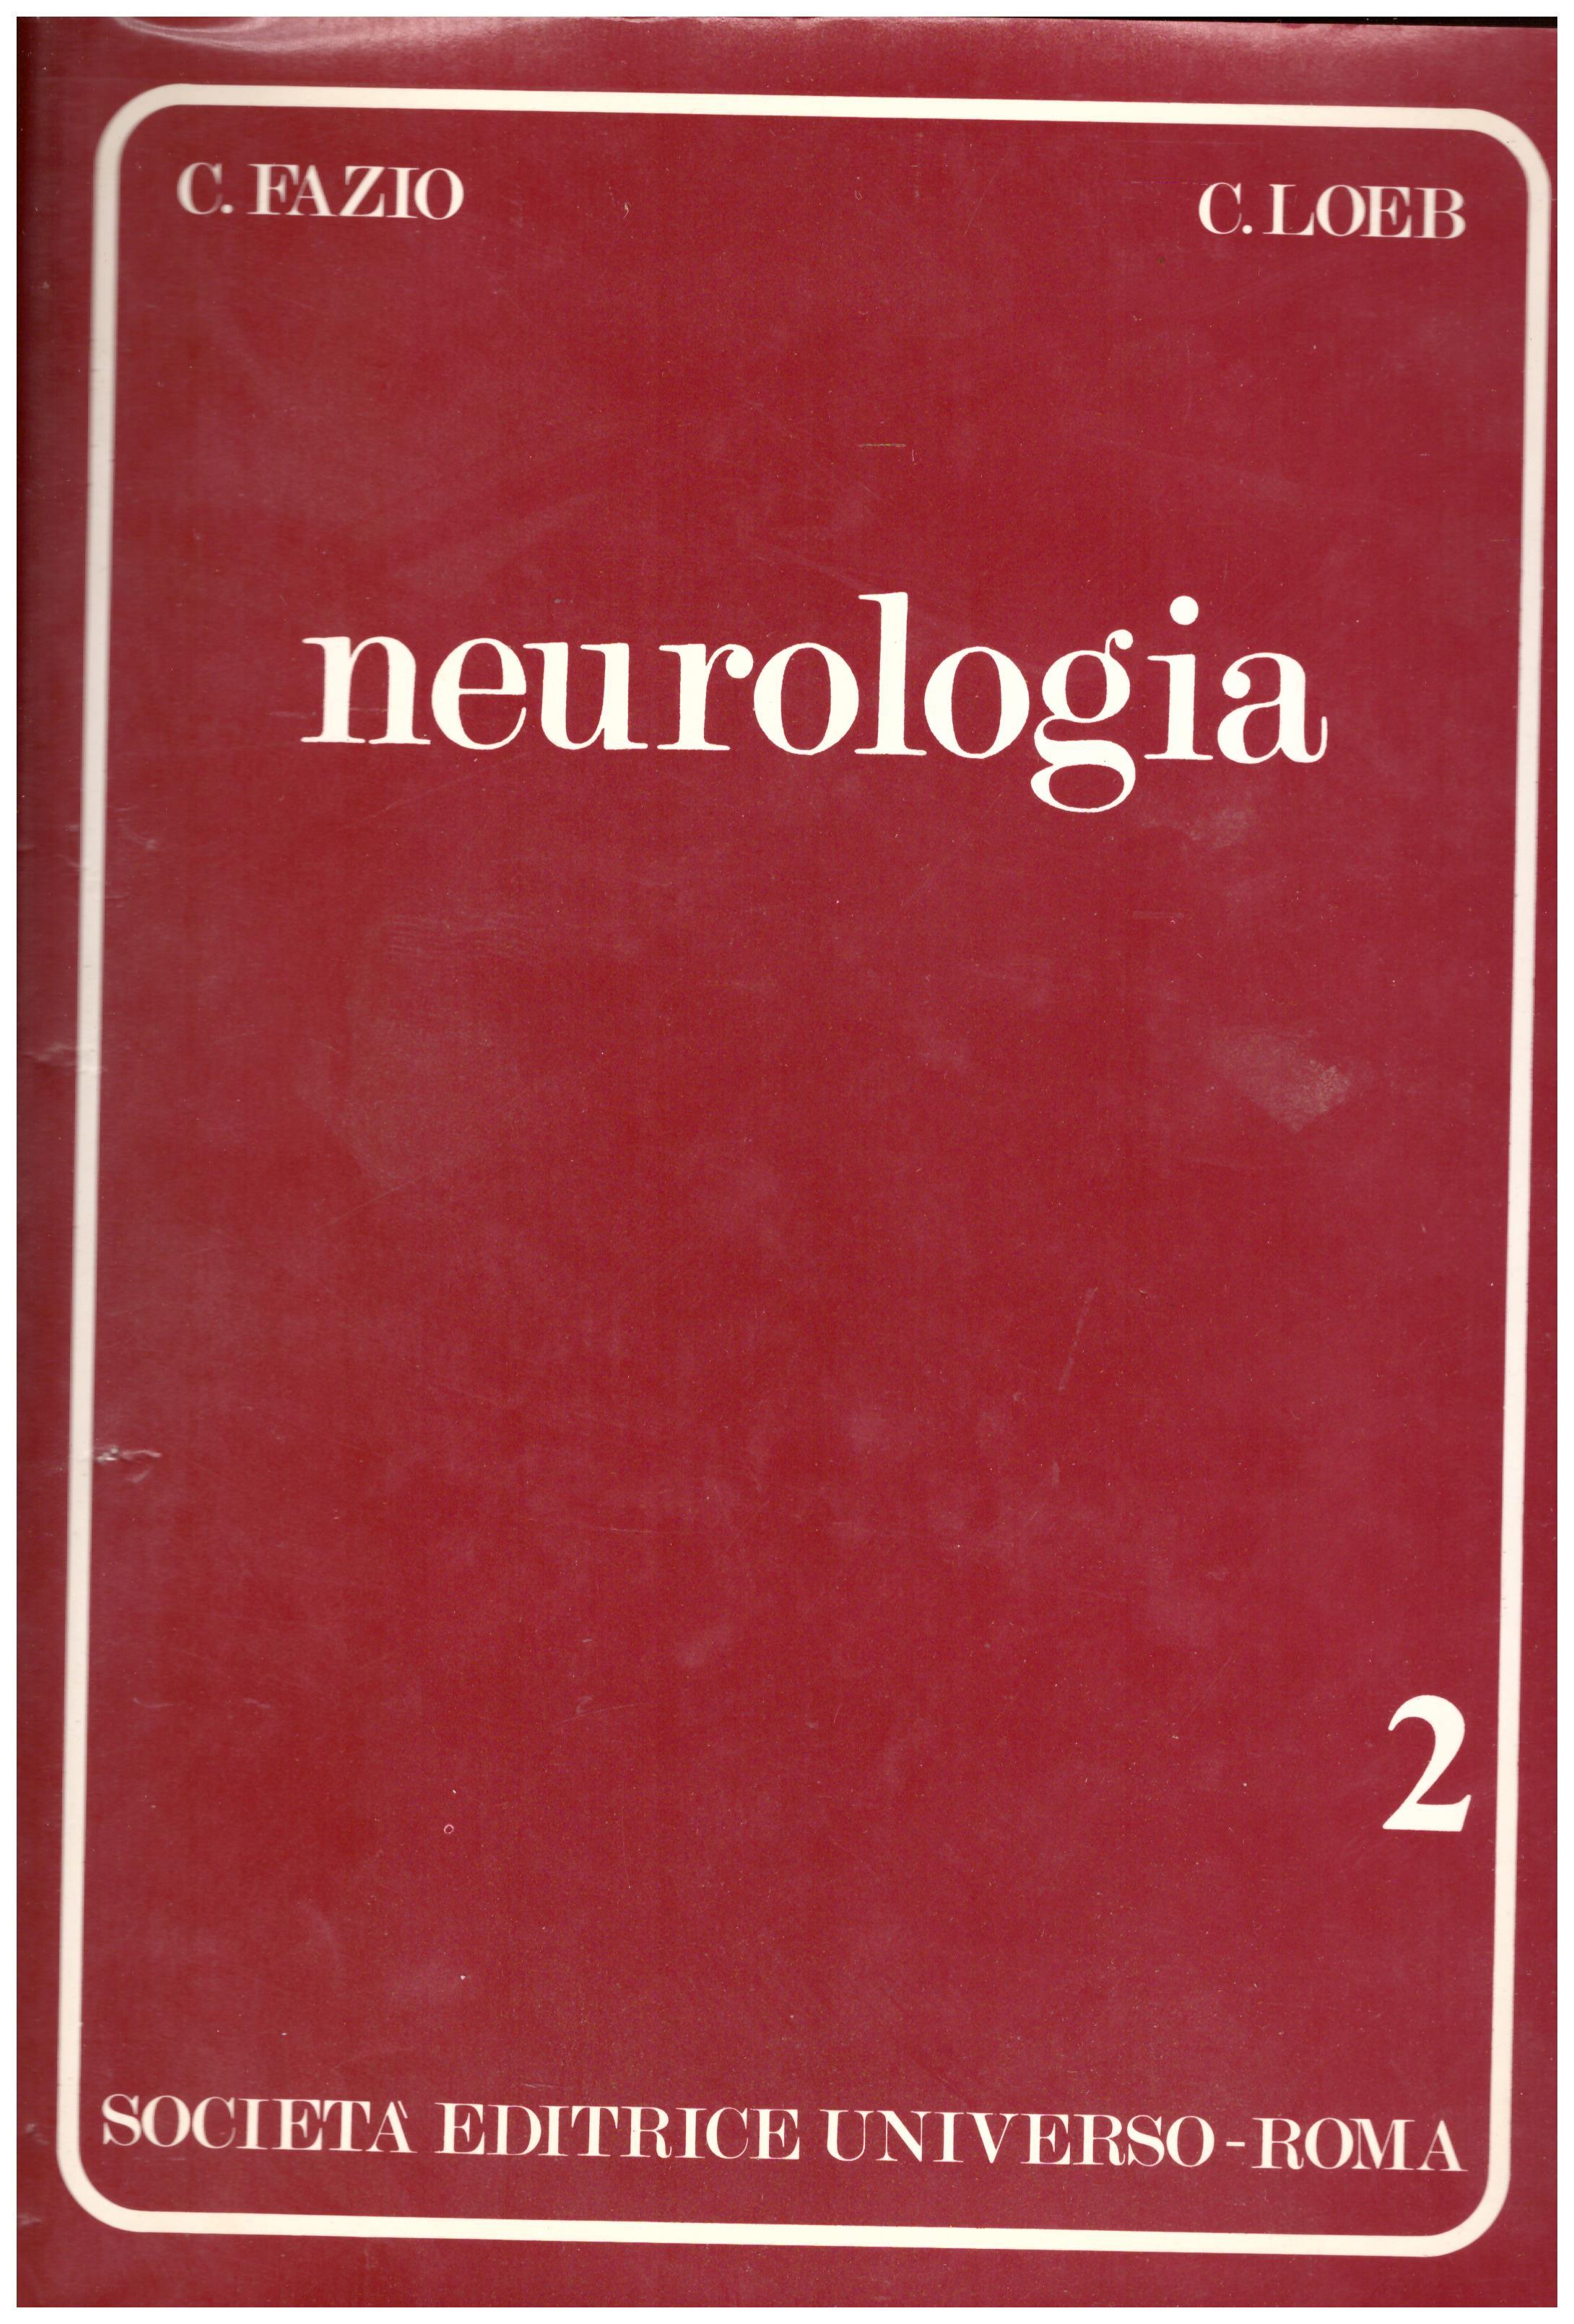 Titolo: Neurologia in 2 volumi Autore: C. Fazio C. Loeb Editore: società editrice universo, 1980